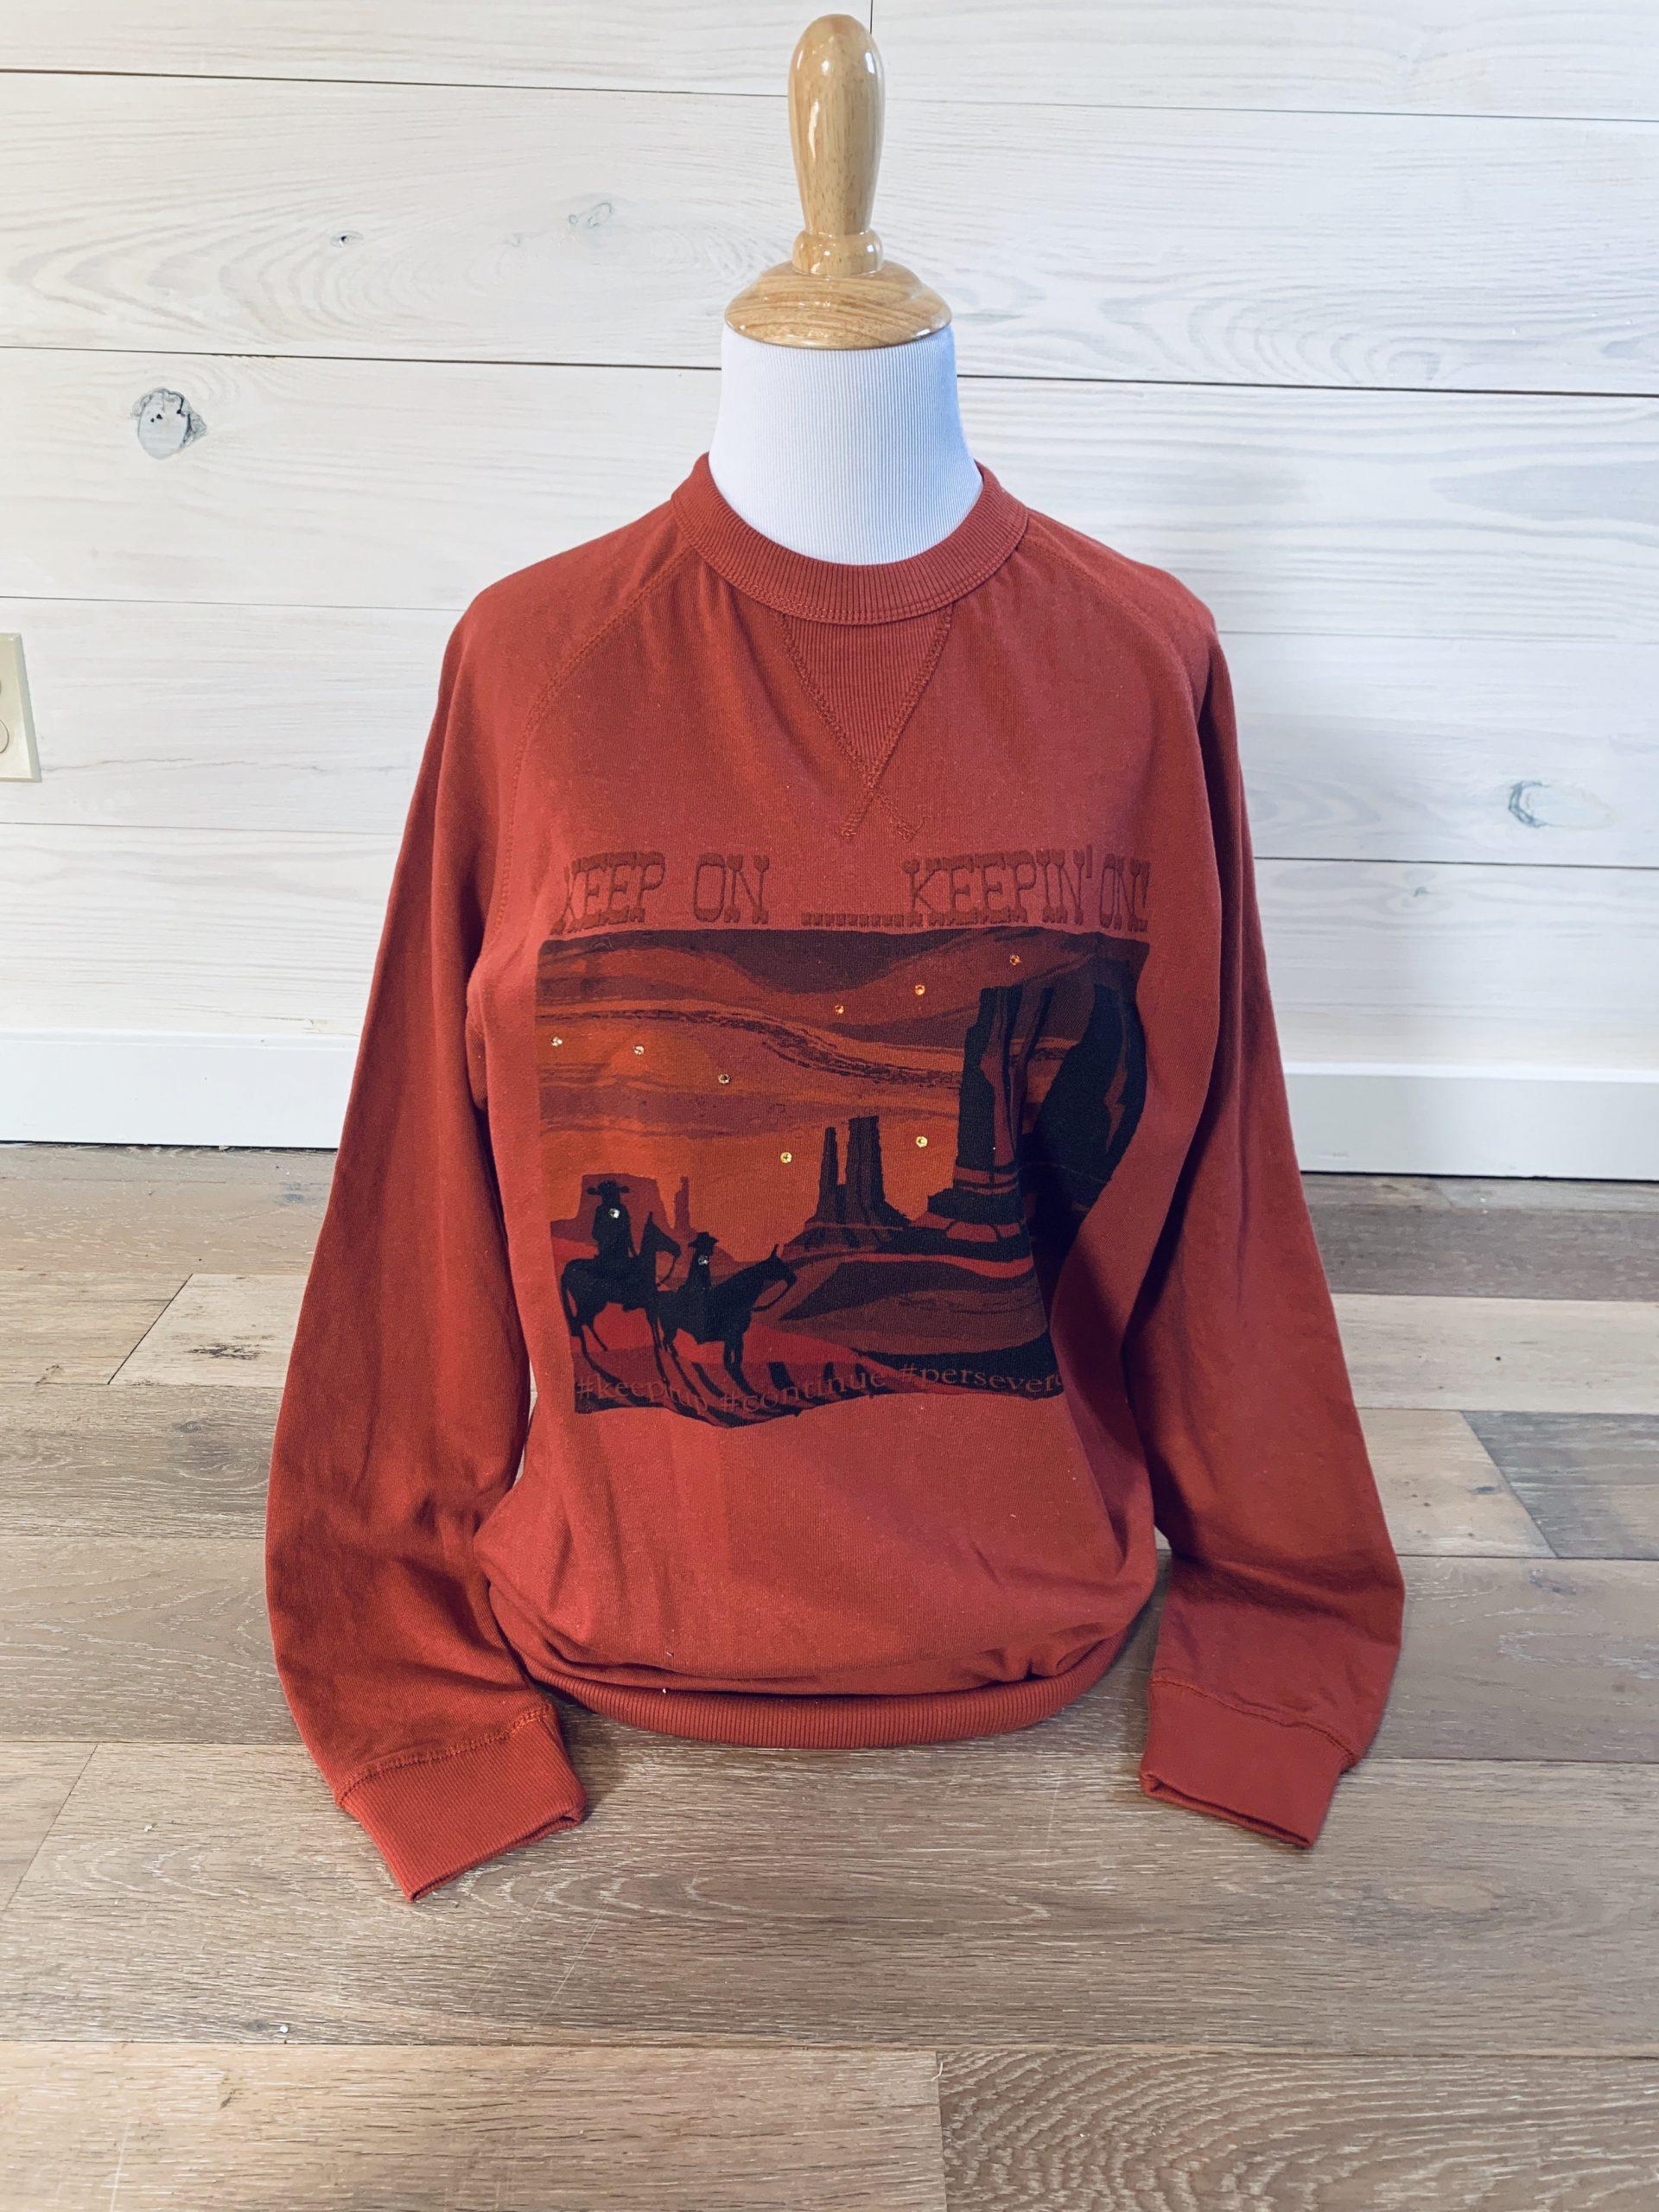 Keep on Keepin On on Rust Sweatshirt